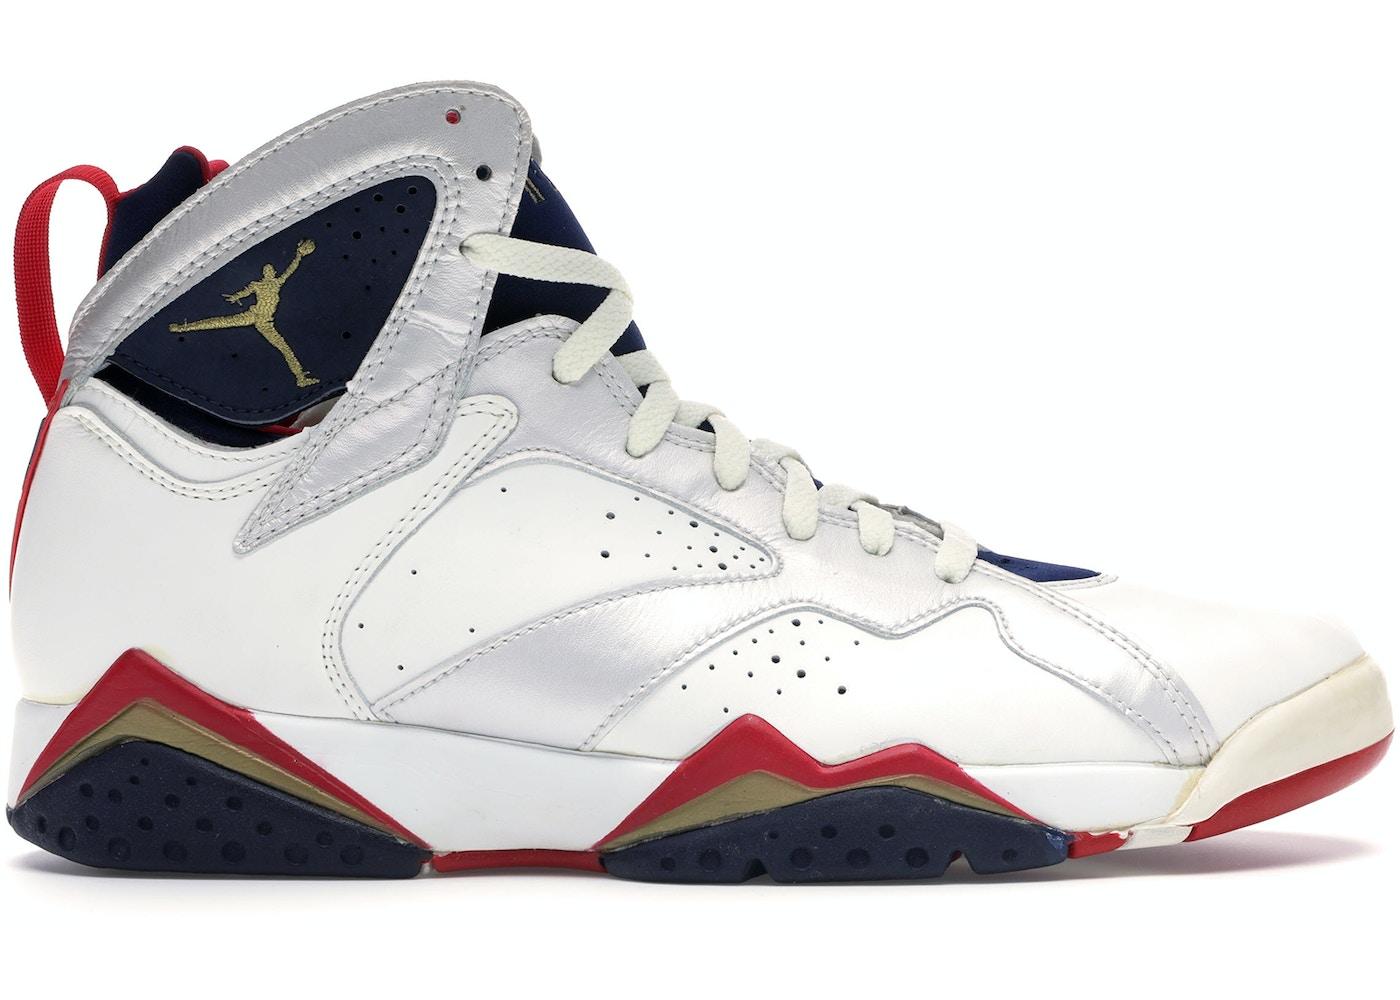 sneakers for cheap 5699d 40a50 Jordan 7 OG Olympic (1992)